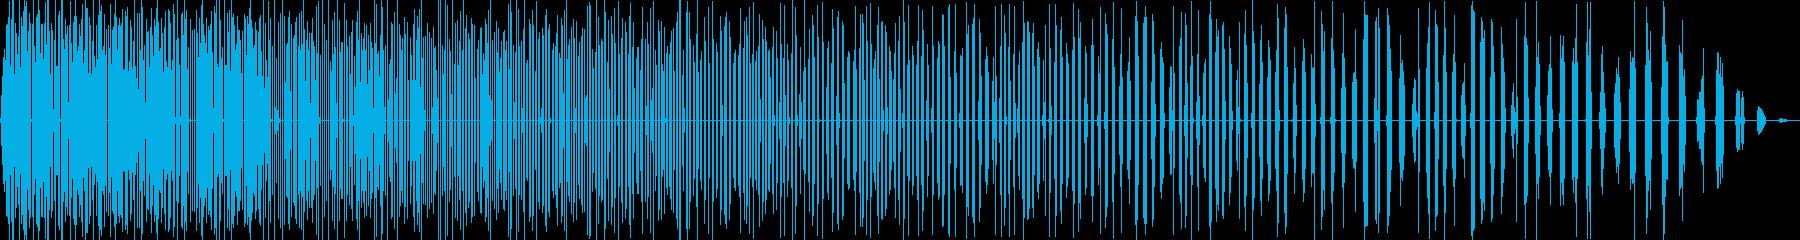 フラタリング解消5の再生済みの波形